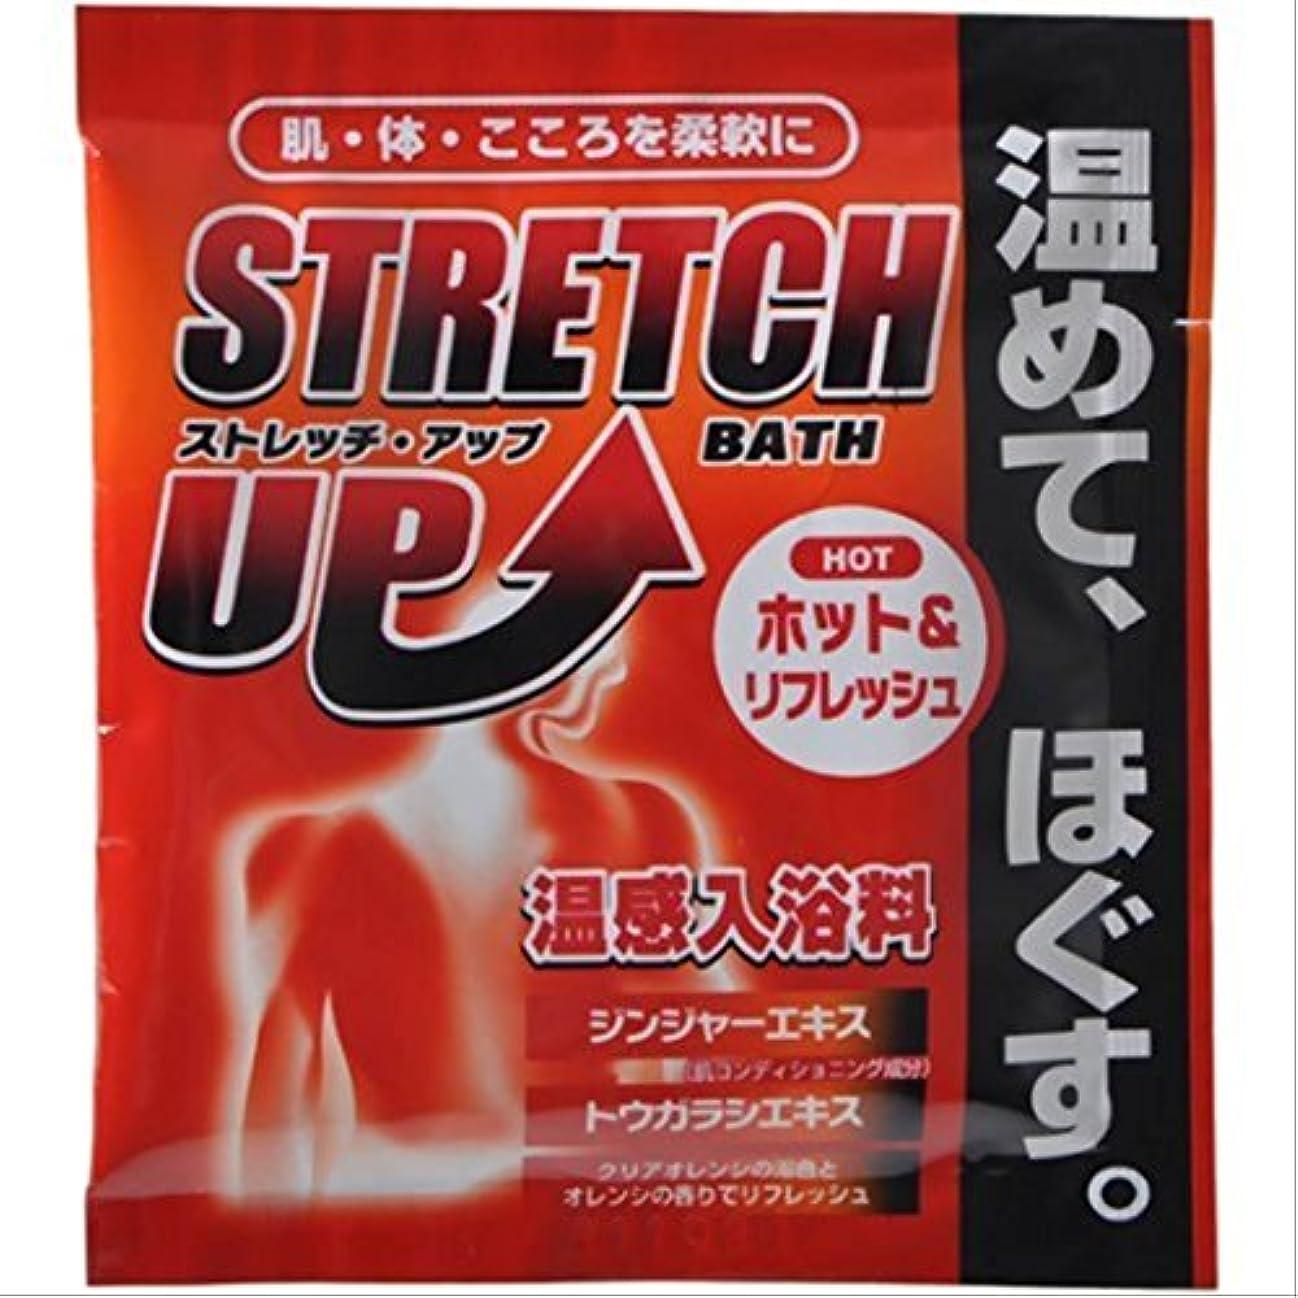 被る動く胃ストレッチ?アップ 25g(入浴剤)温感ホットアンドリフレッシュ (クリアオレンジ)